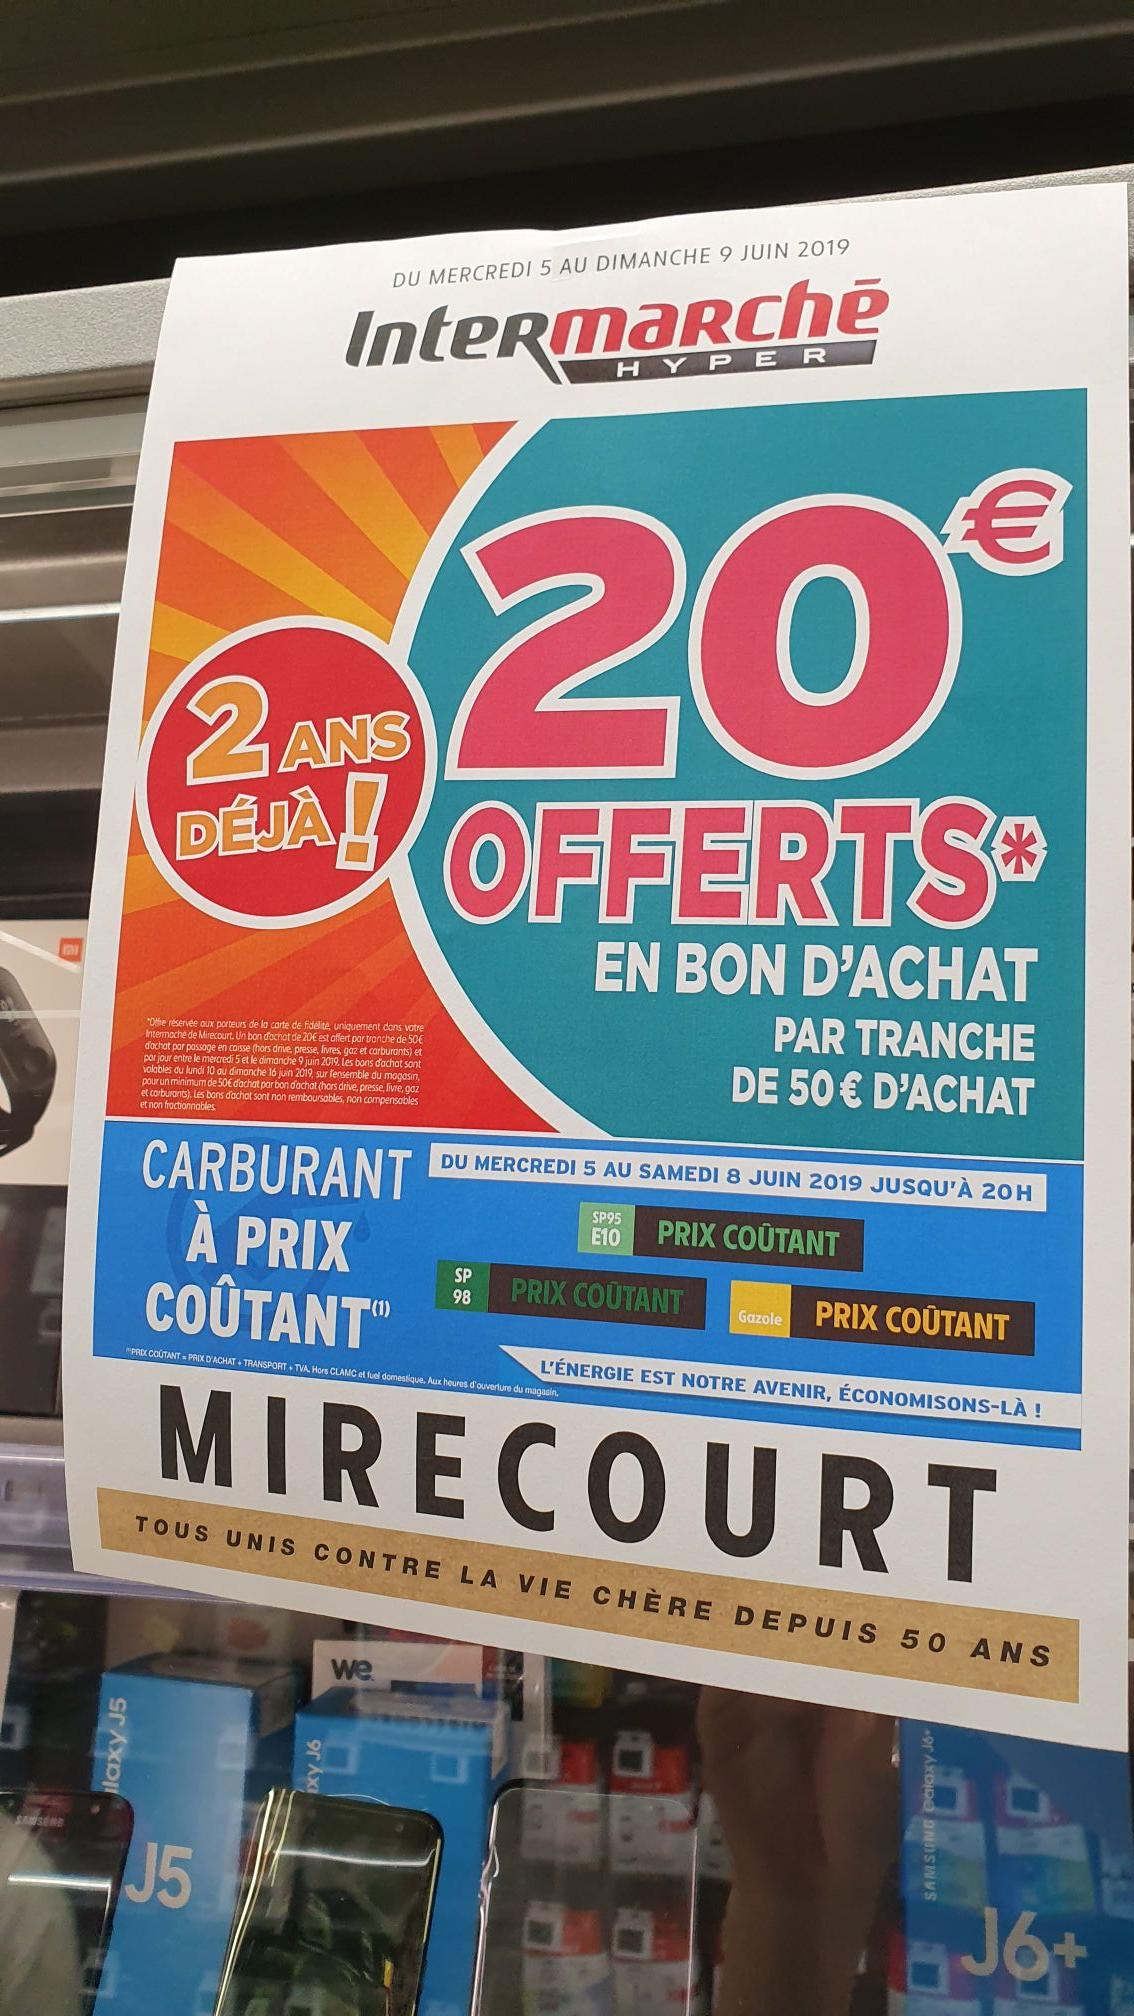 [Carte de fidélité] 20€ offerts en bon d'achat tous les 50€ d'achat (bons valables dès 50€ d'achat, du 10 au 16 juin) - Mirecourt (88)